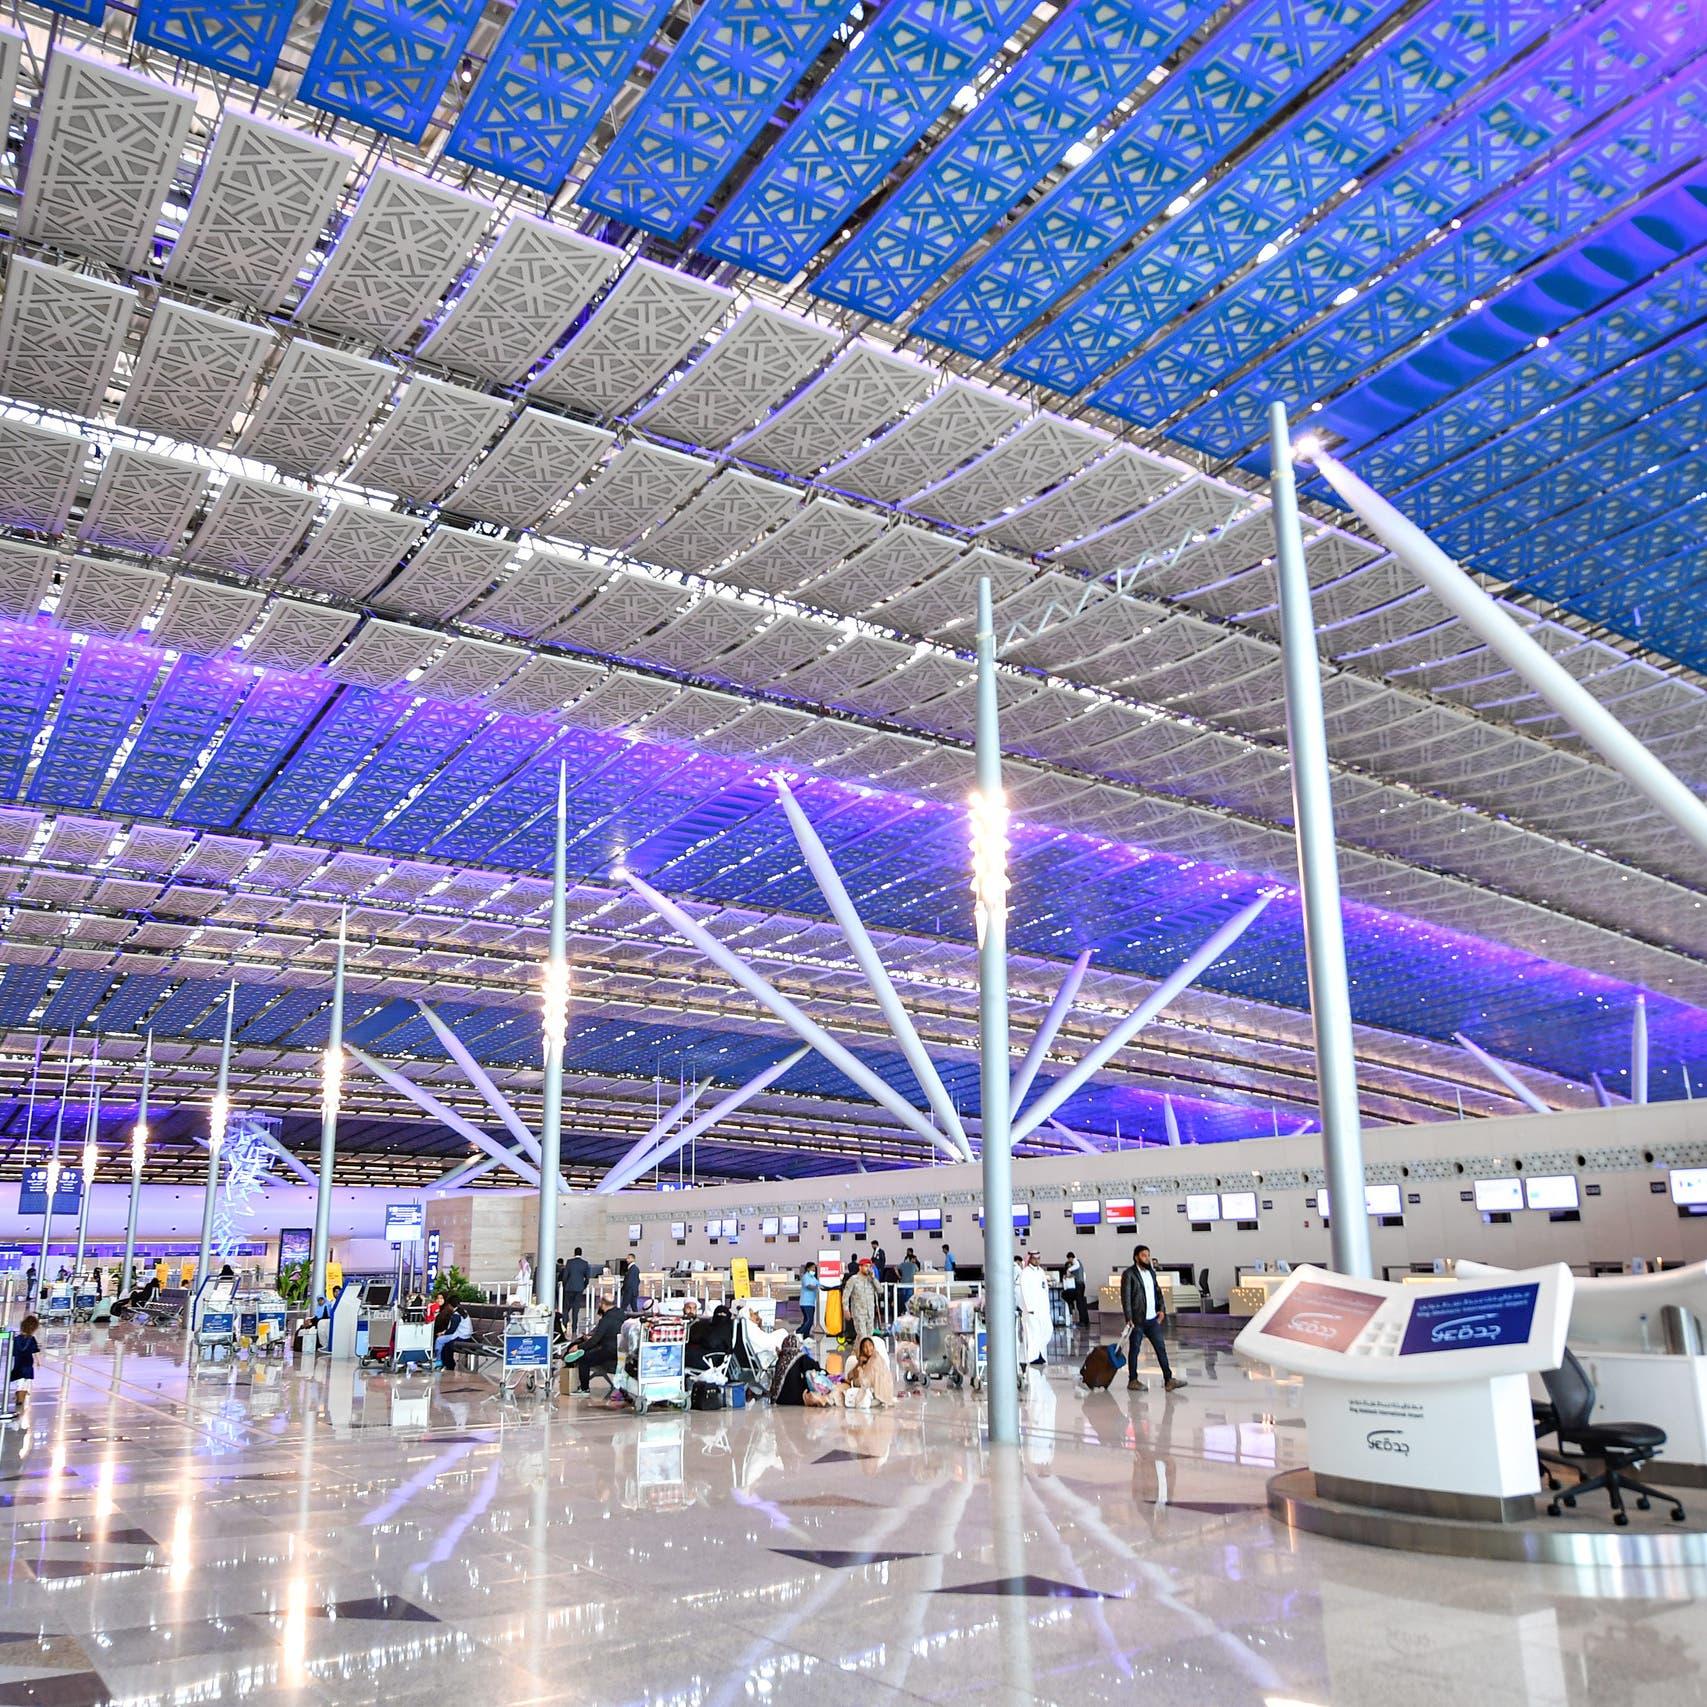 مطارات السعودية تواصل التقدم على قائمة أفضل 100 مطار عالمياً